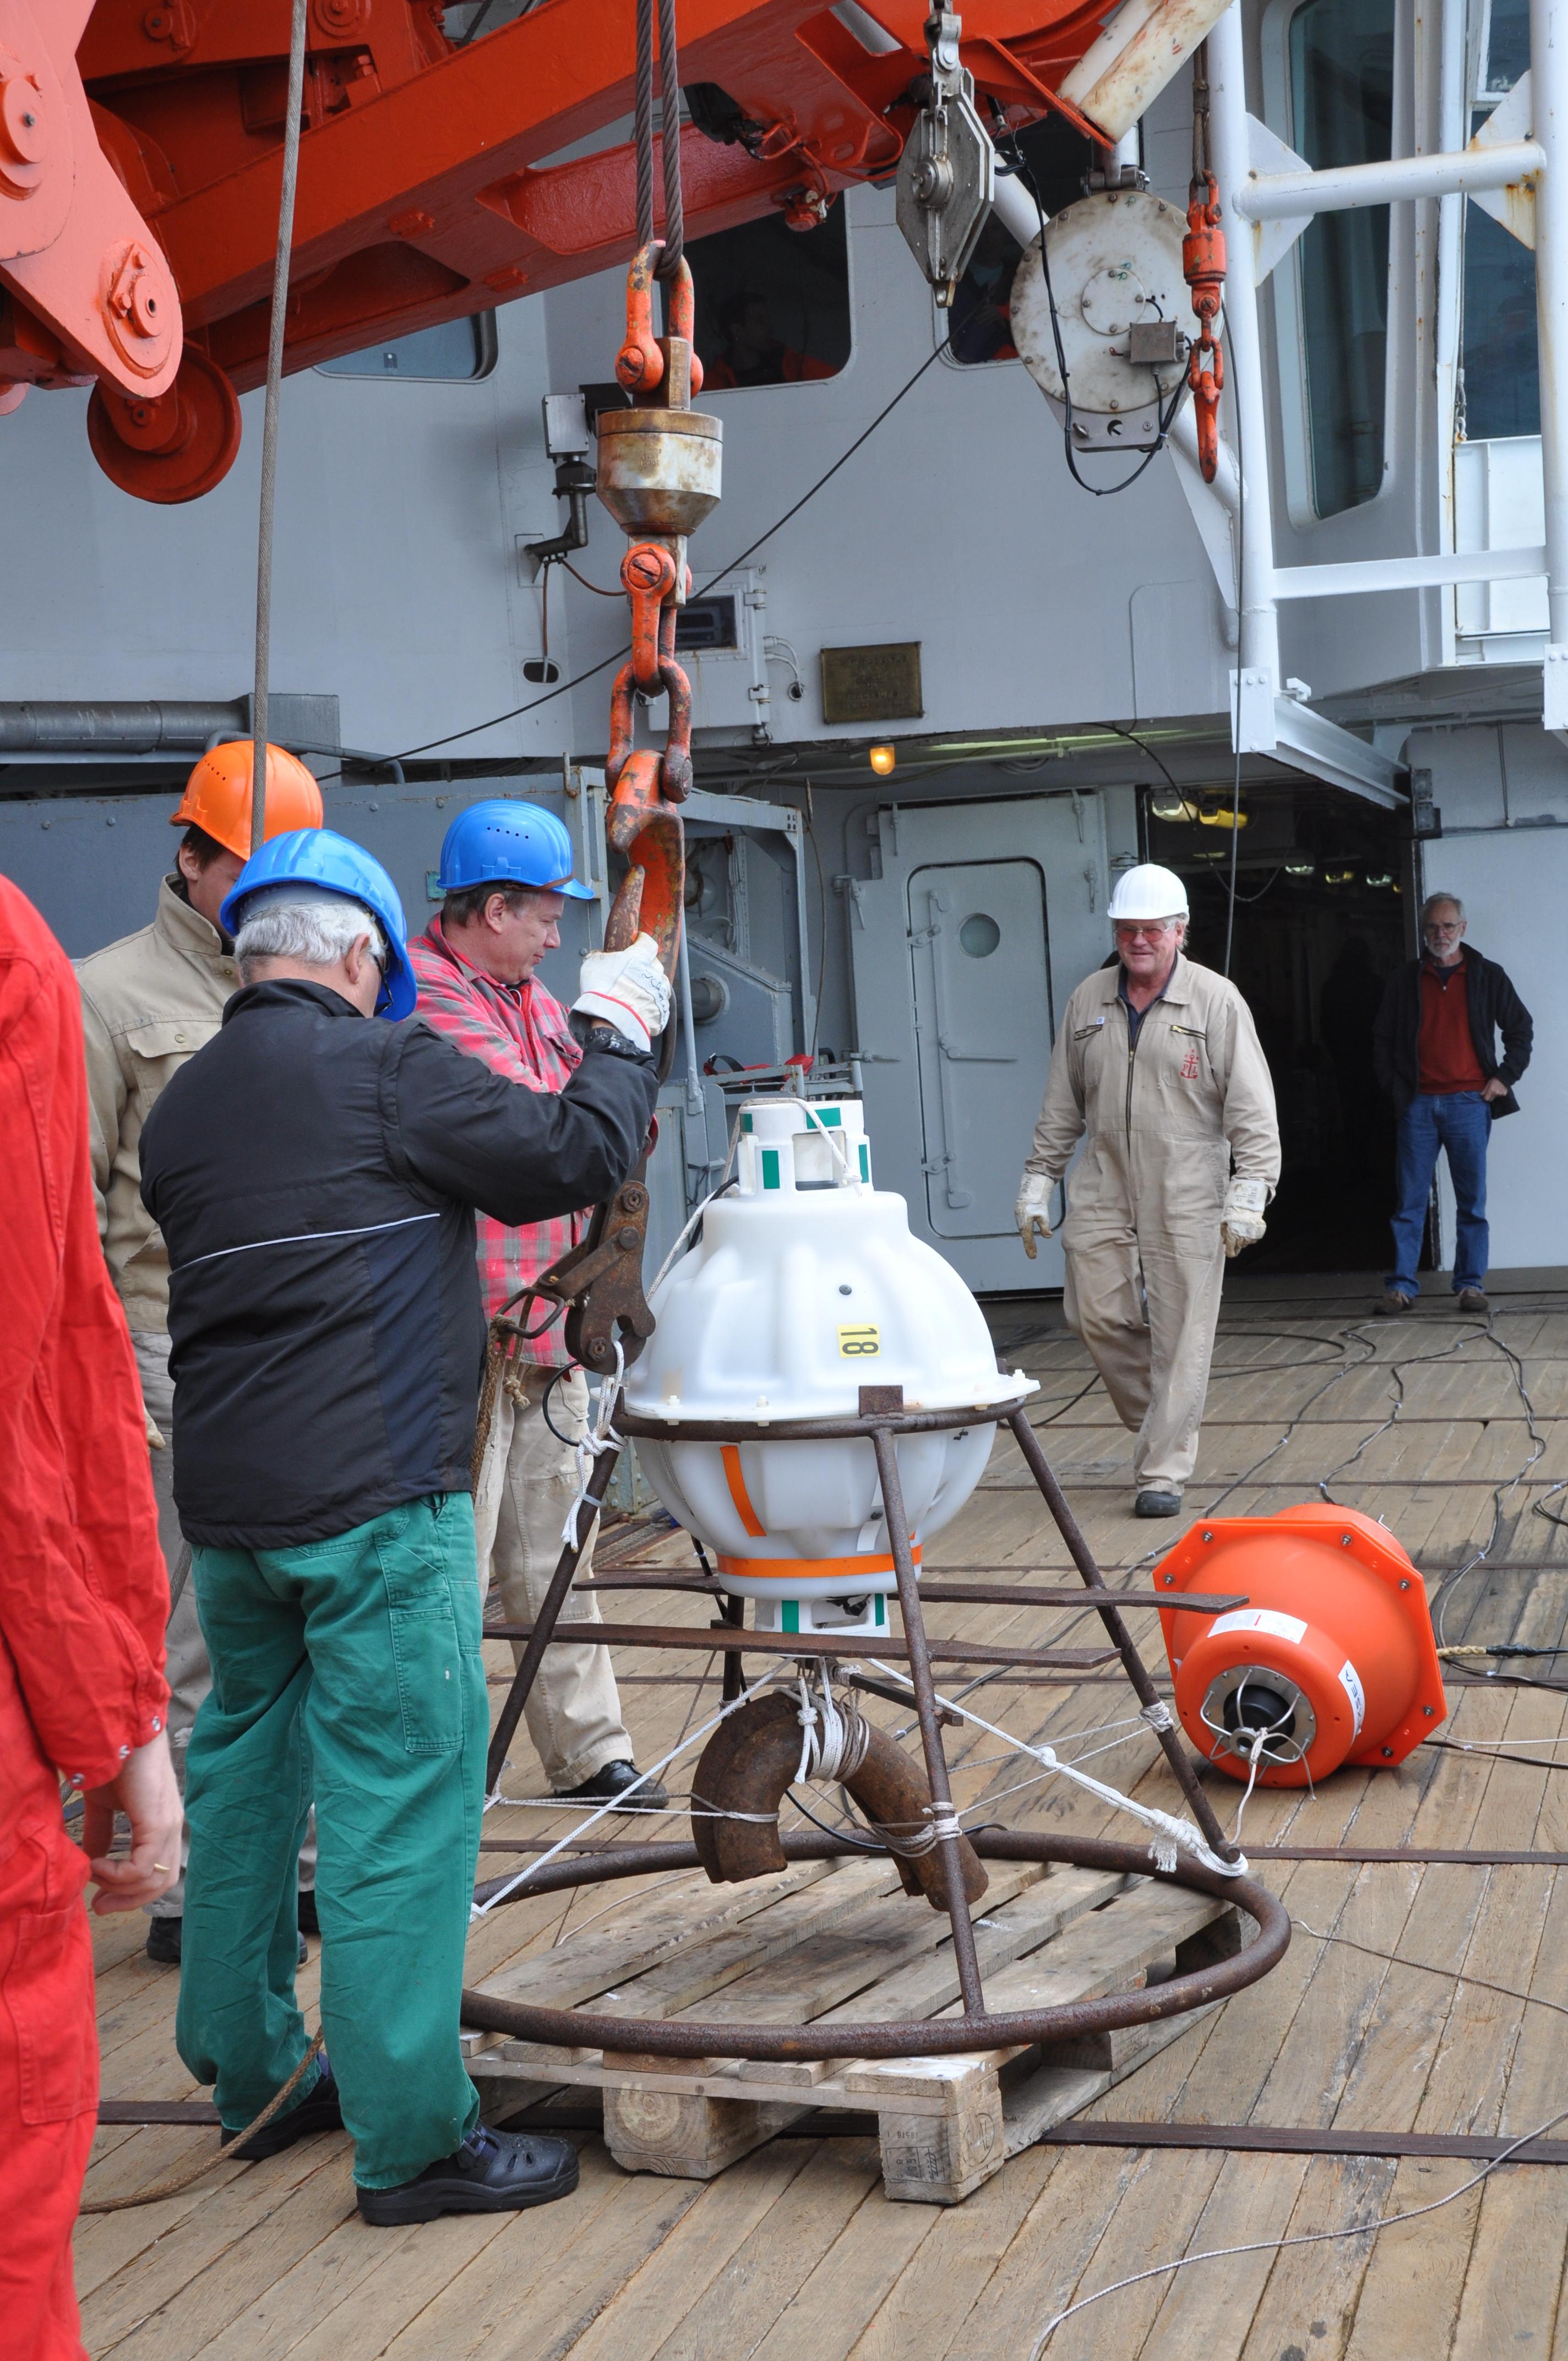 An Bord der Polarstern bereiten 5 Männer die PIES-Sonde auf ihren Einsatz vor. Die Sonde ist rundlich und hängt ein einem Kran, der sie zum Meer hinablässt.